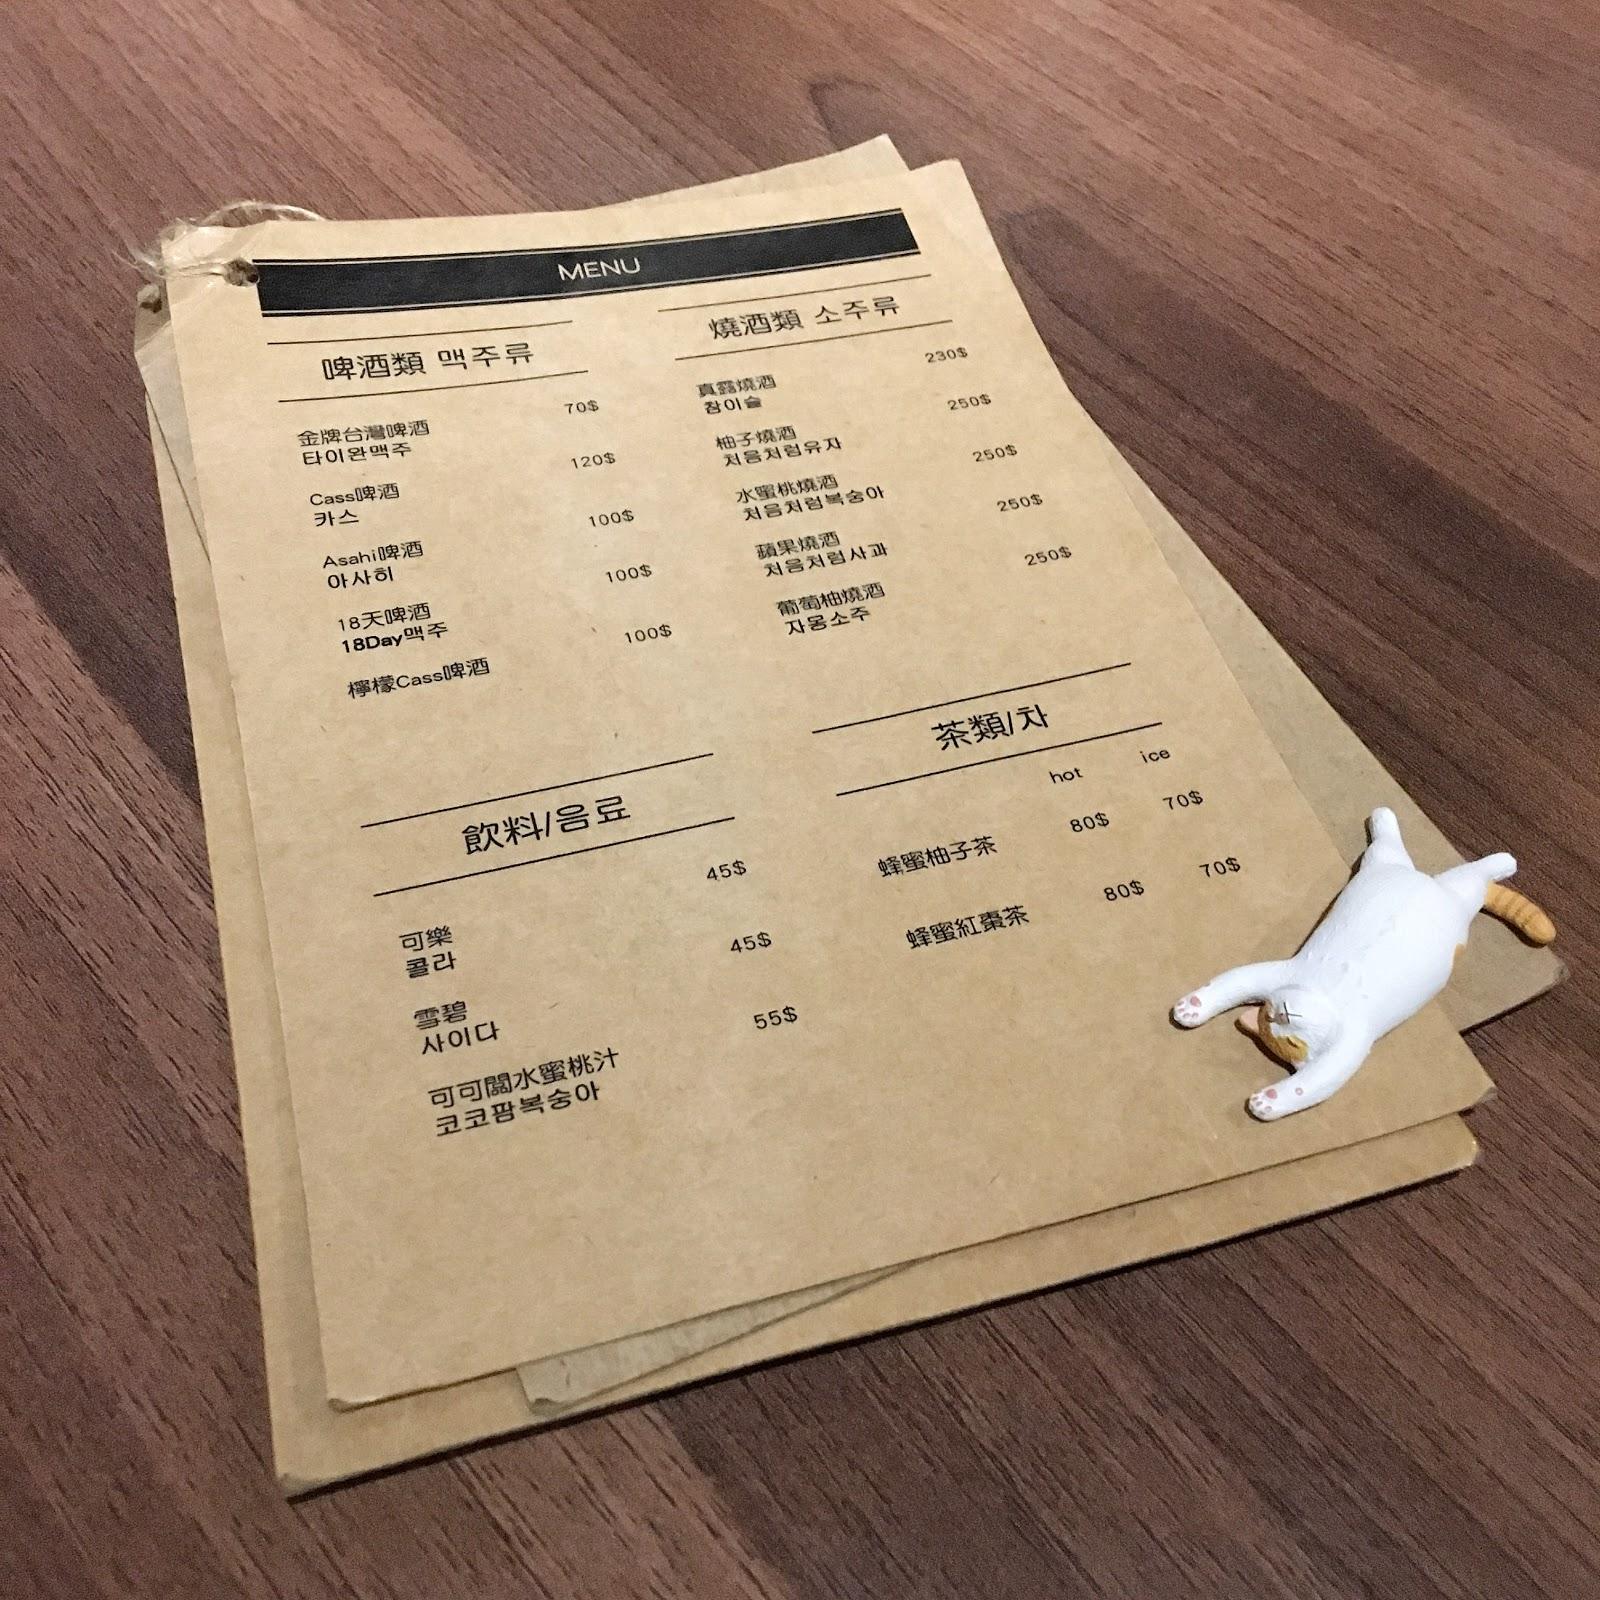 韓國炸雞專賣店Chicken shop菜單3